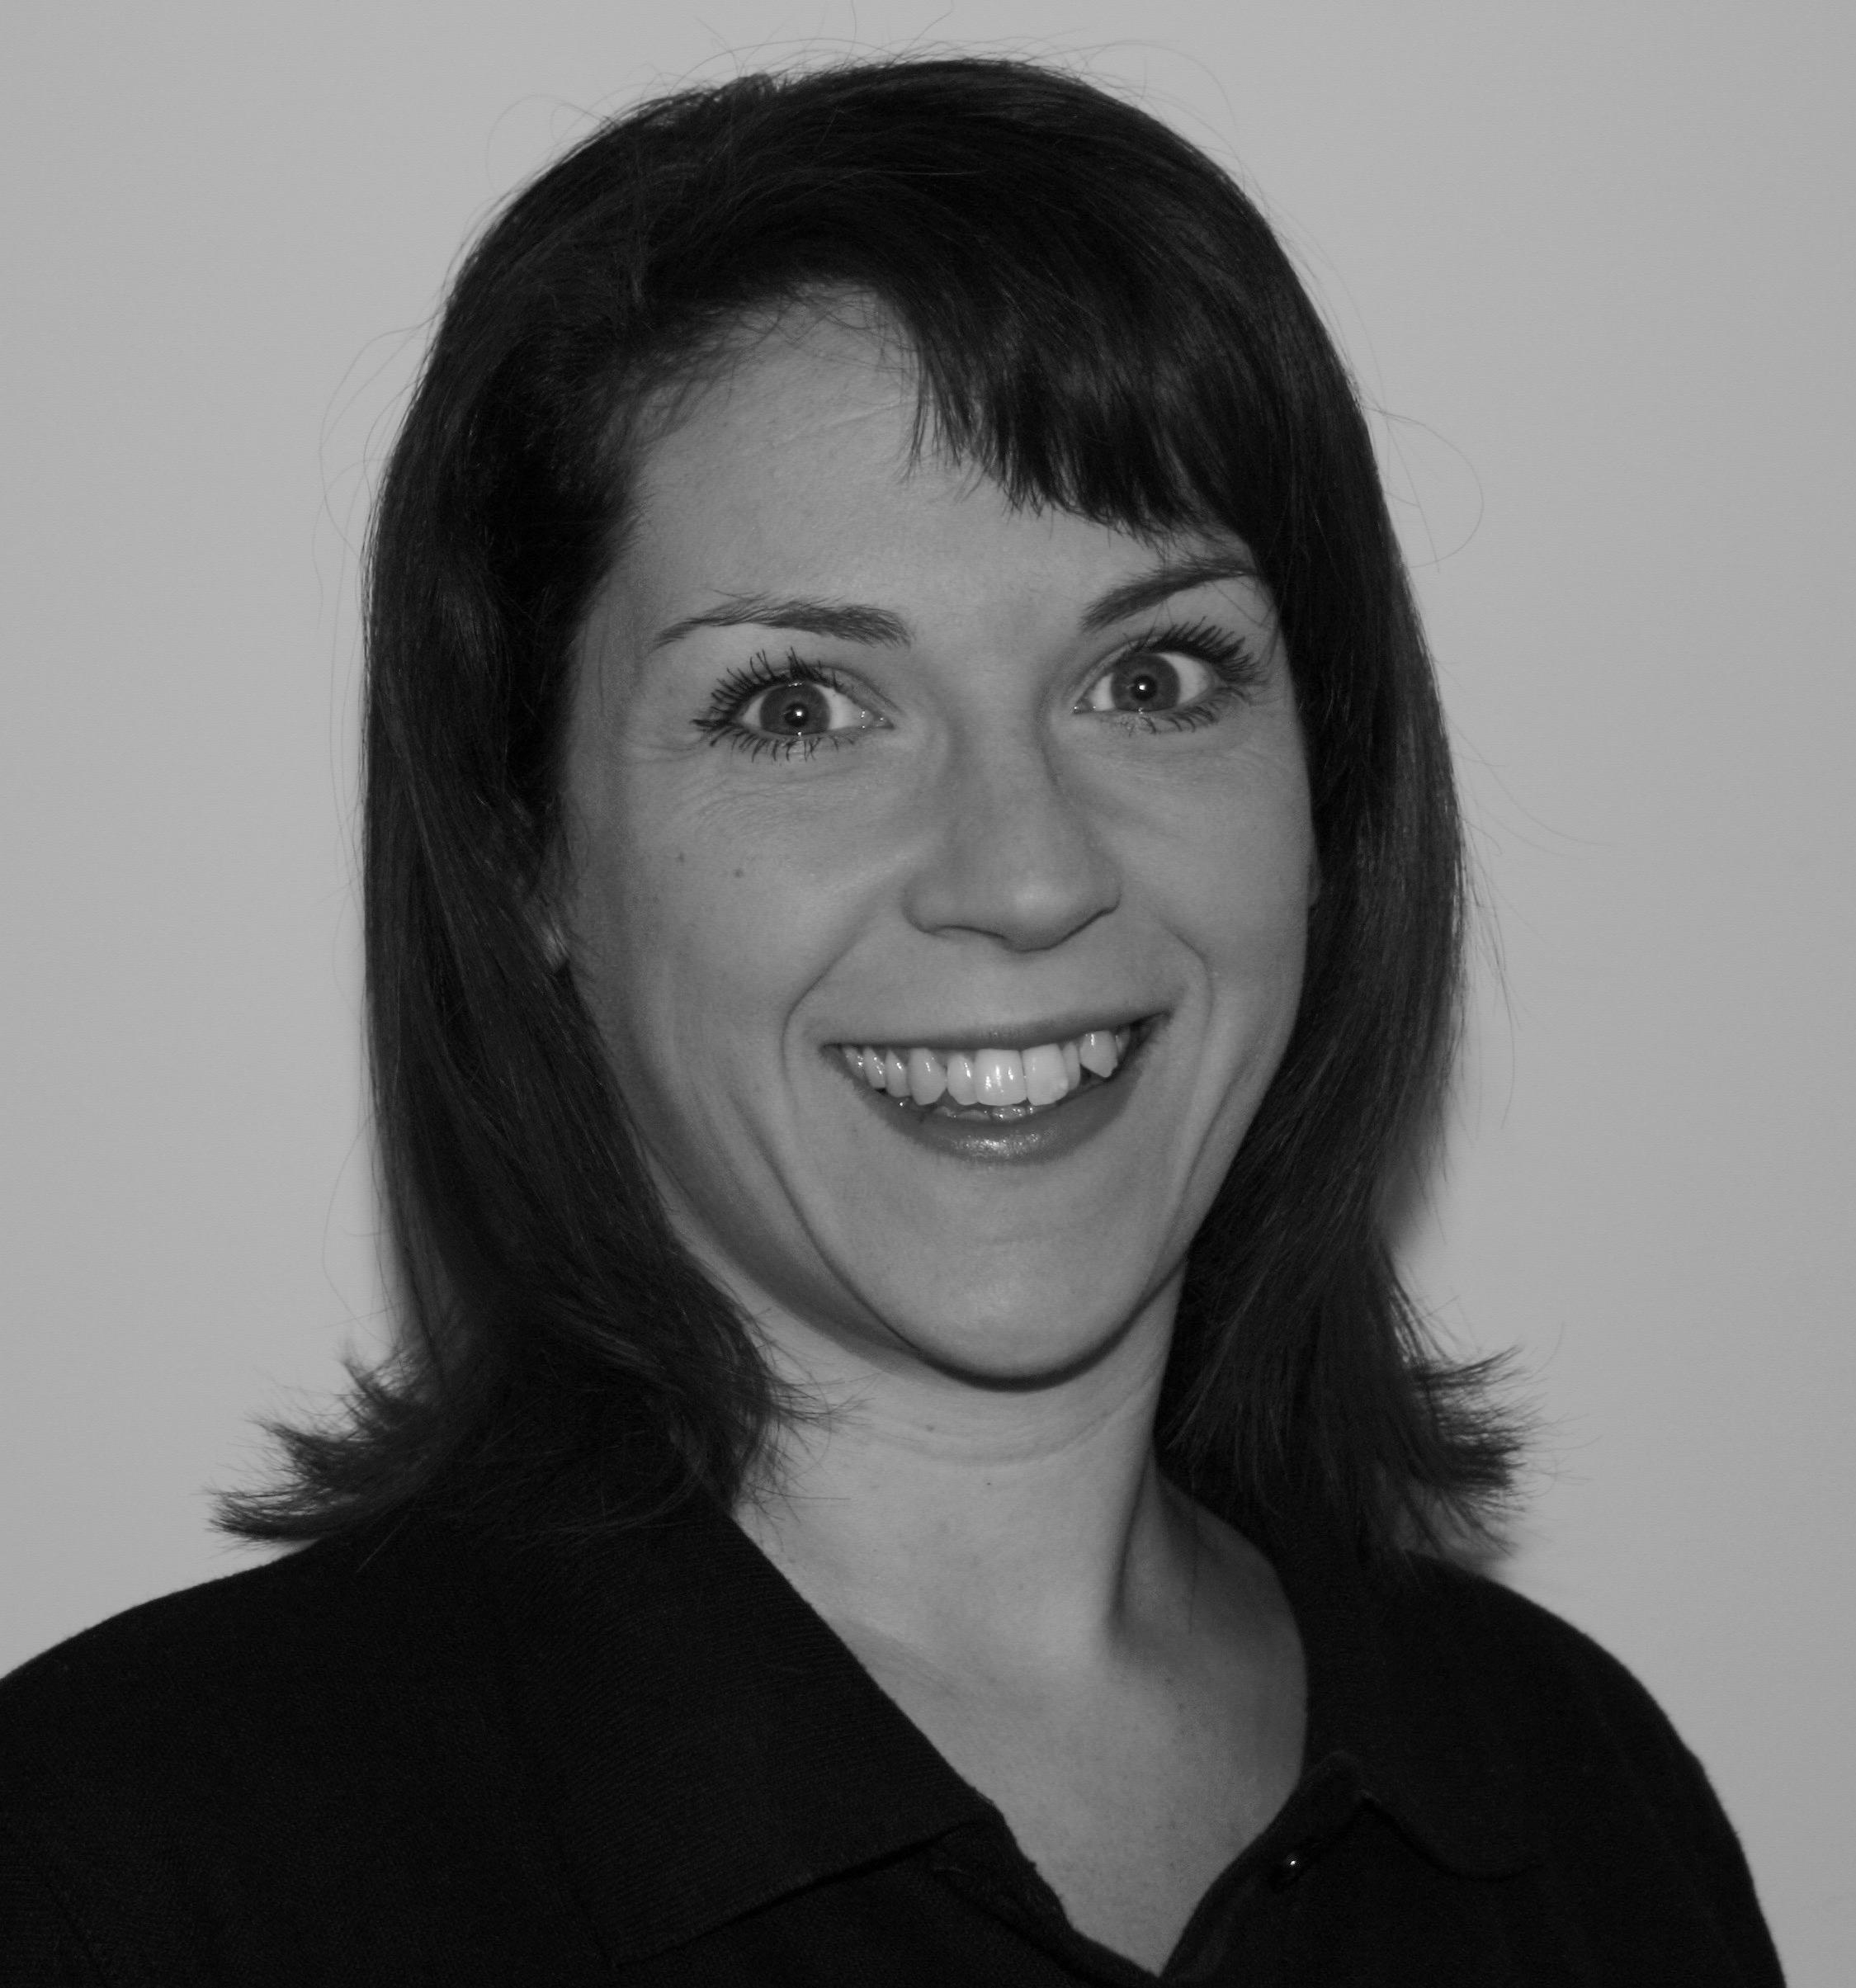 Joanna Mickleburgh